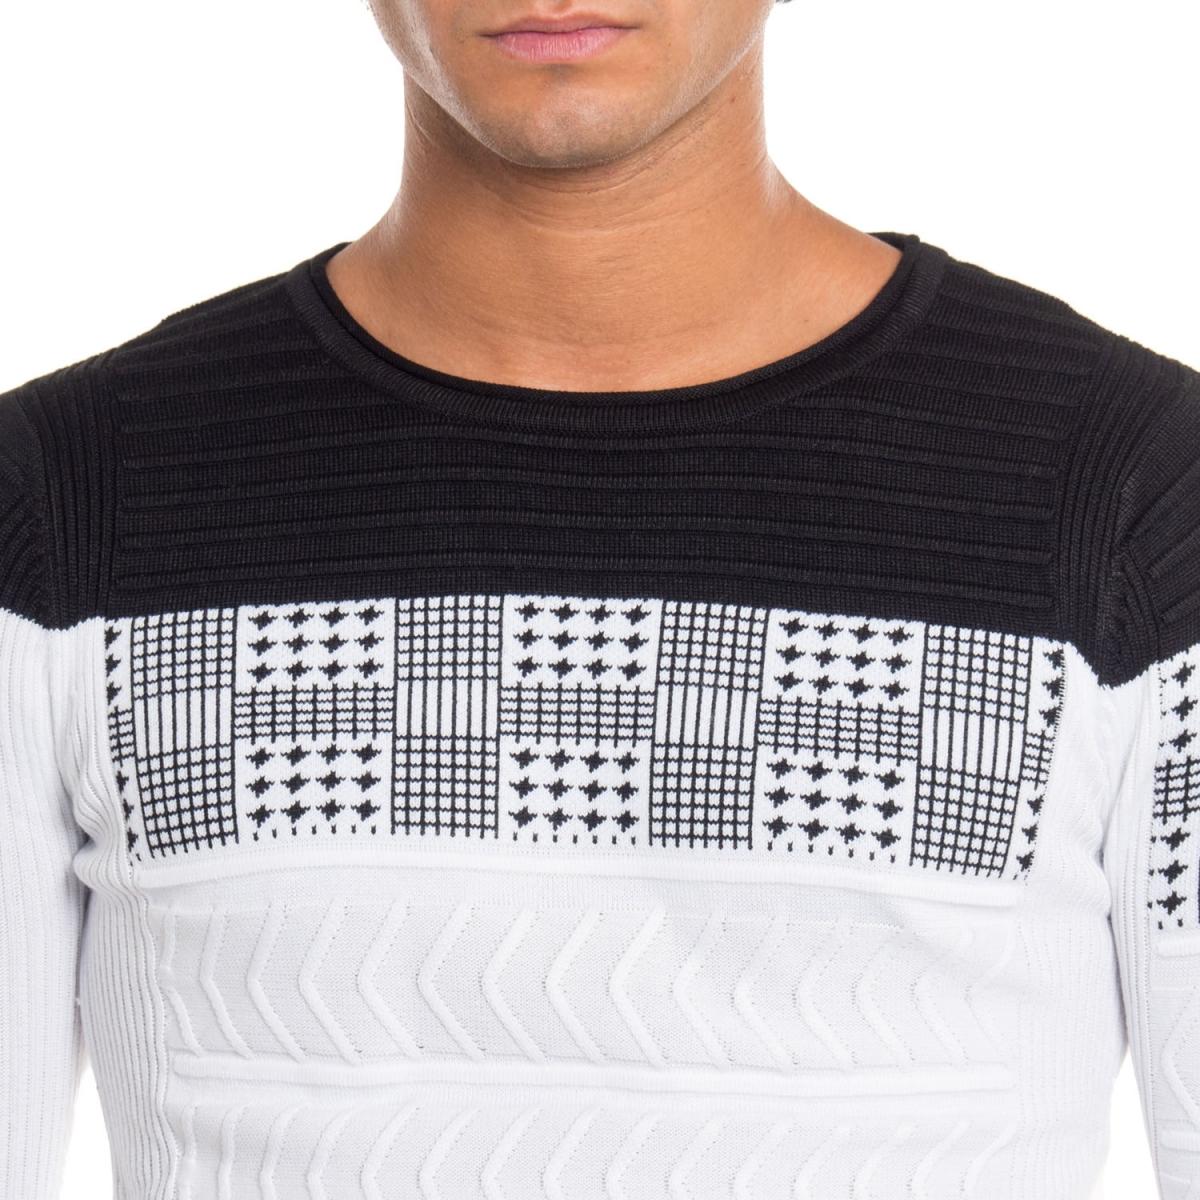 ropa Prendas de punto hombre Maglia NBK8039 NEROGRANIT Cafedelmar Shop